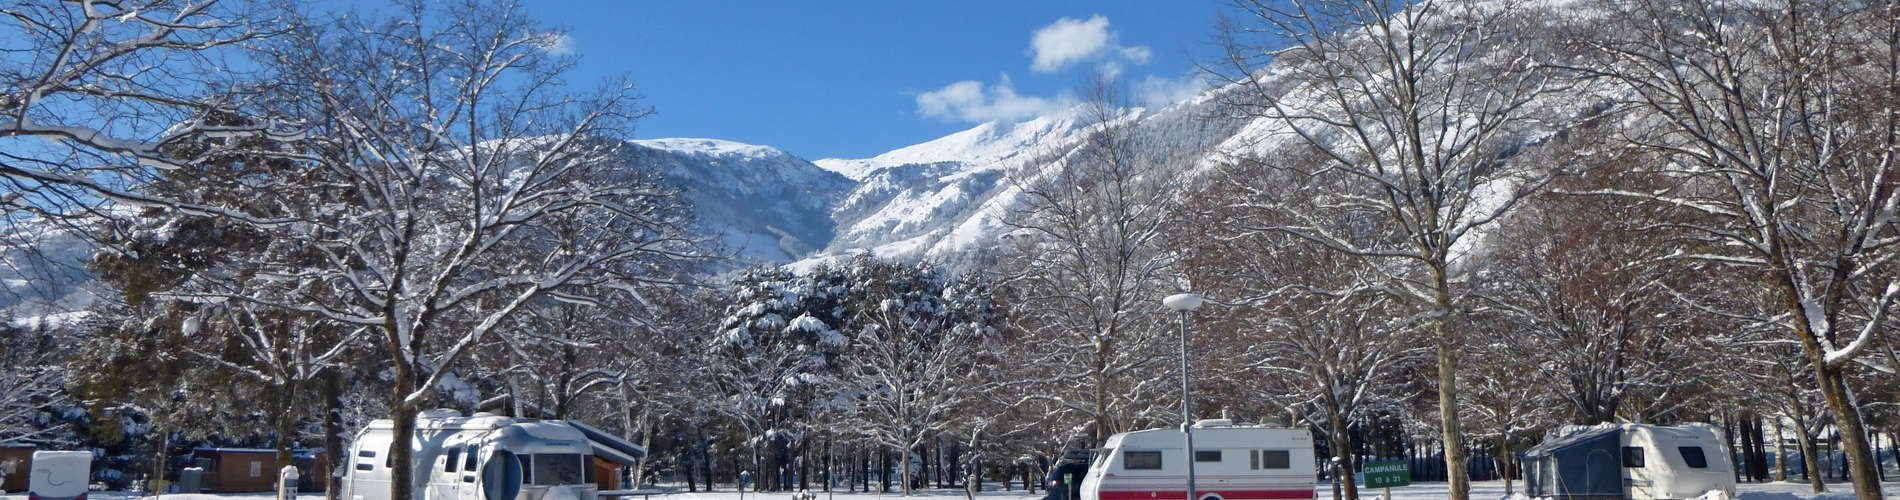 La vue est splendide sur les montagnes alentours… il n'y a plus qu'à skier !